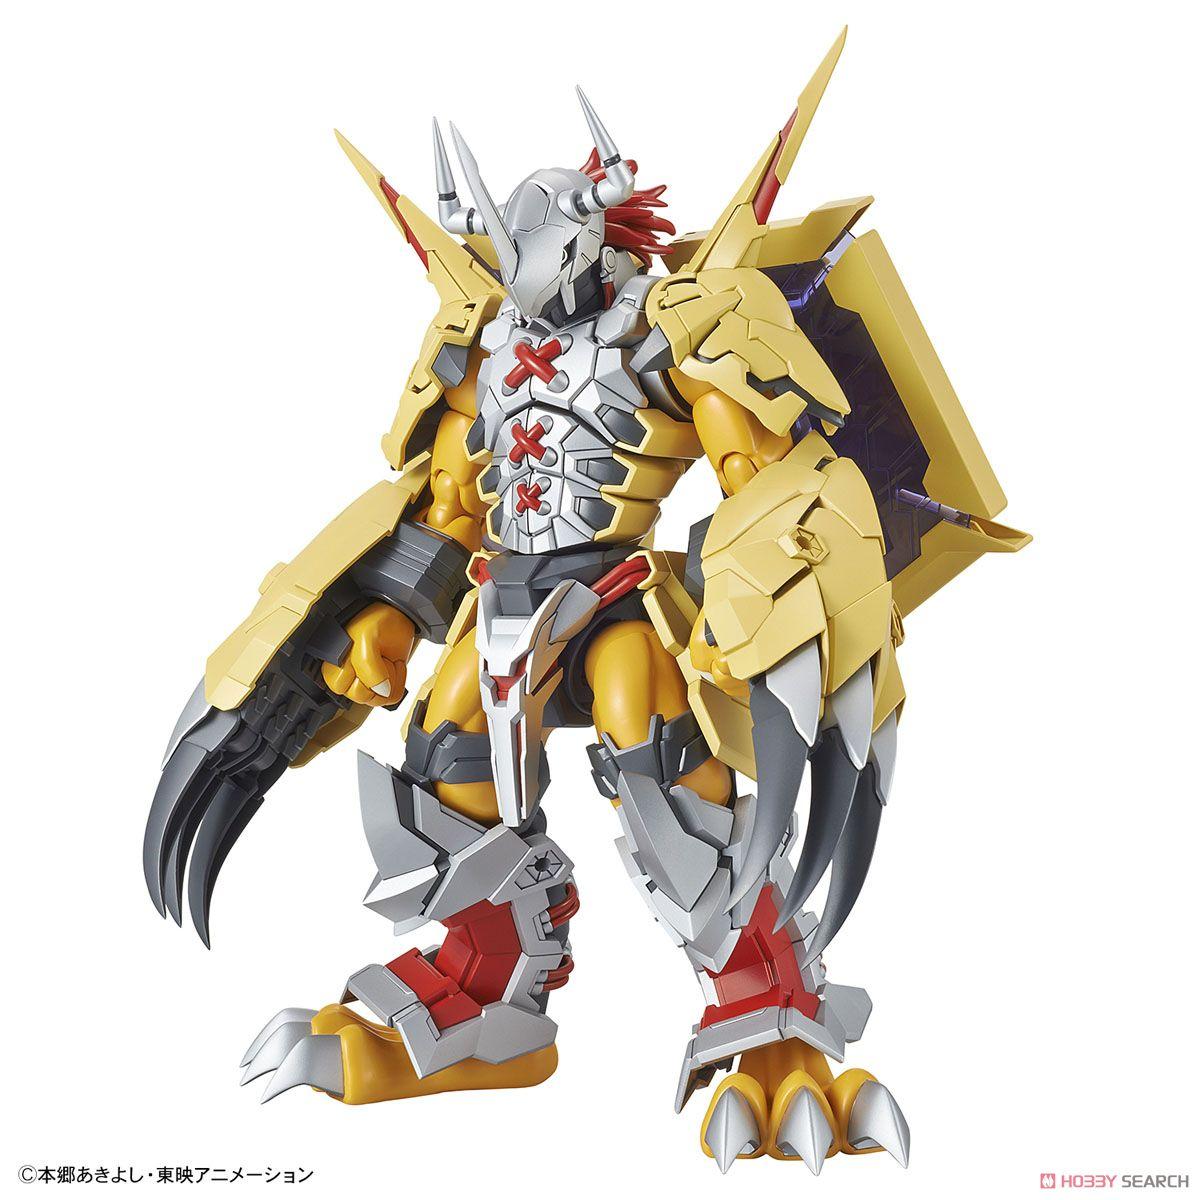 【再販】Figure-rise Standard『メタルガルルモン(AMPLIFIED)』デジモンアドベンチャー プラモデル-002